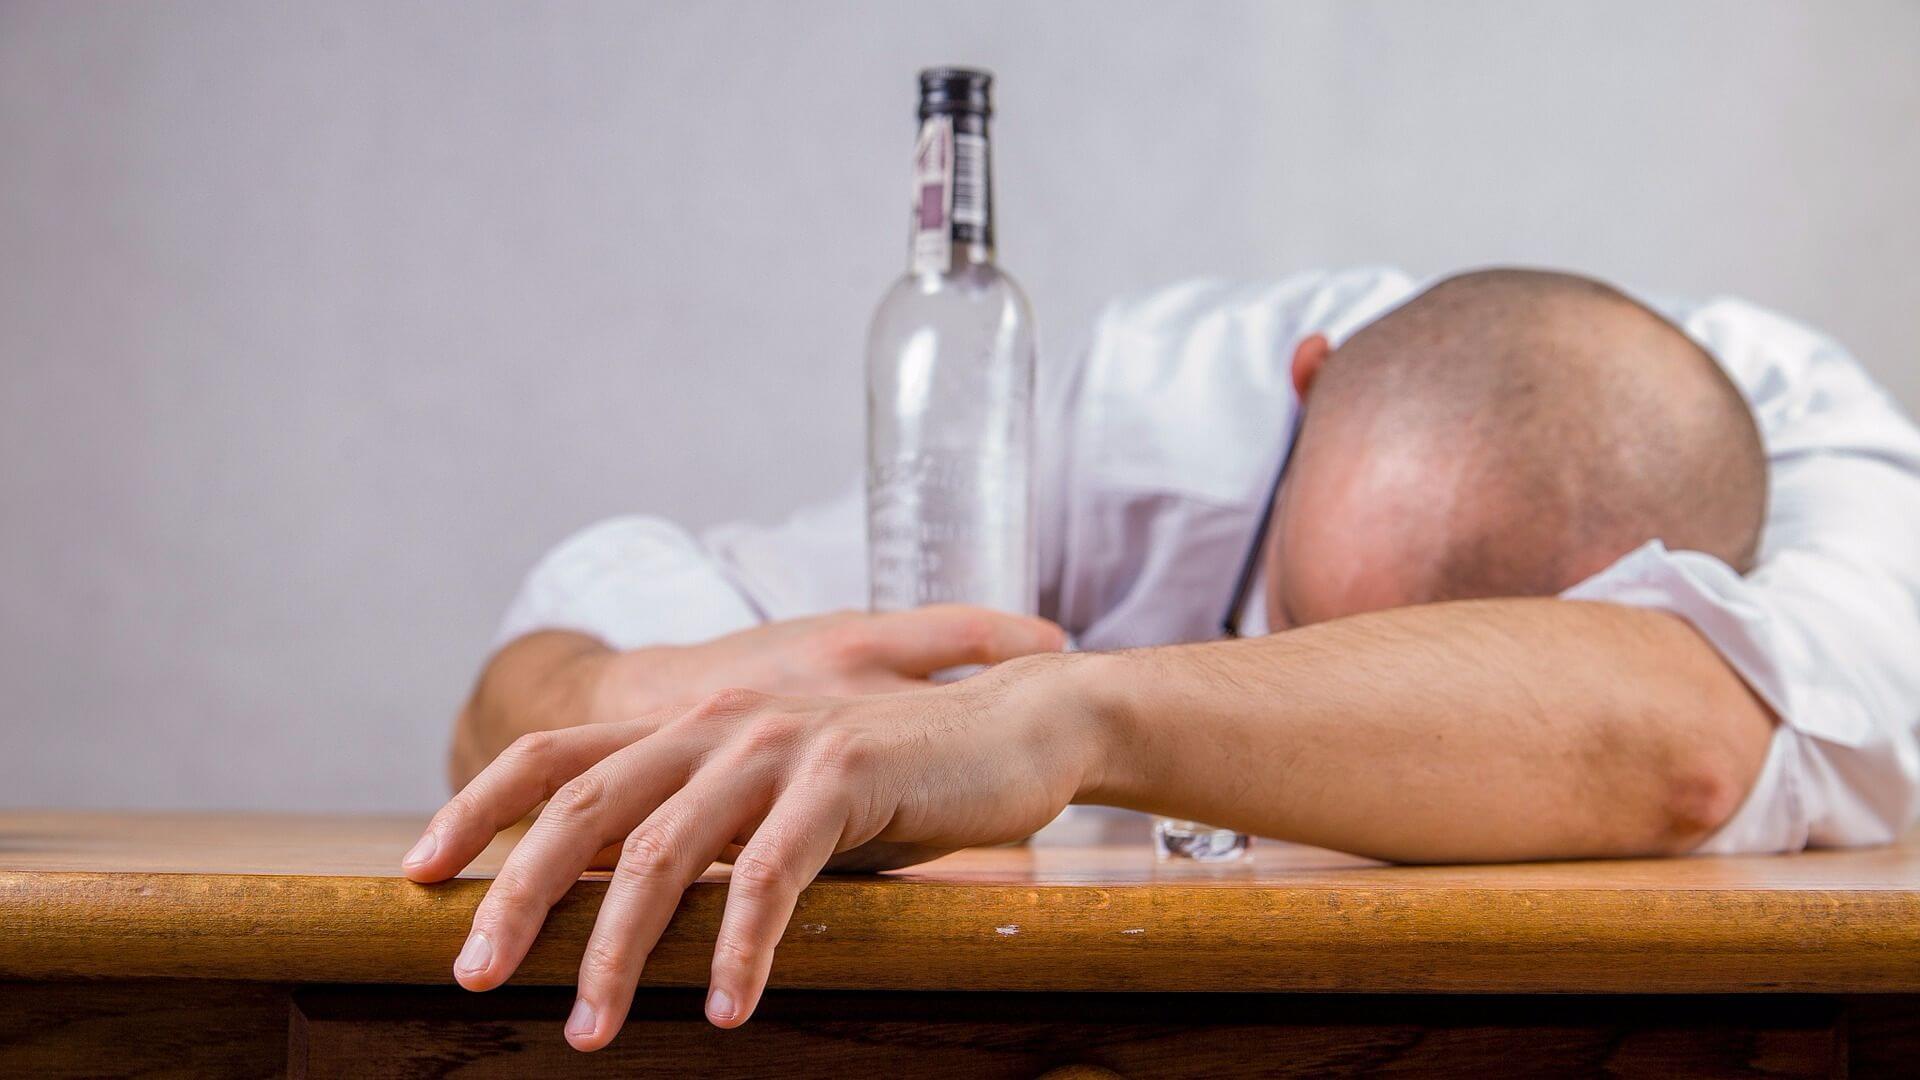 Лечение алкоголизма без ведома больного: средства 11